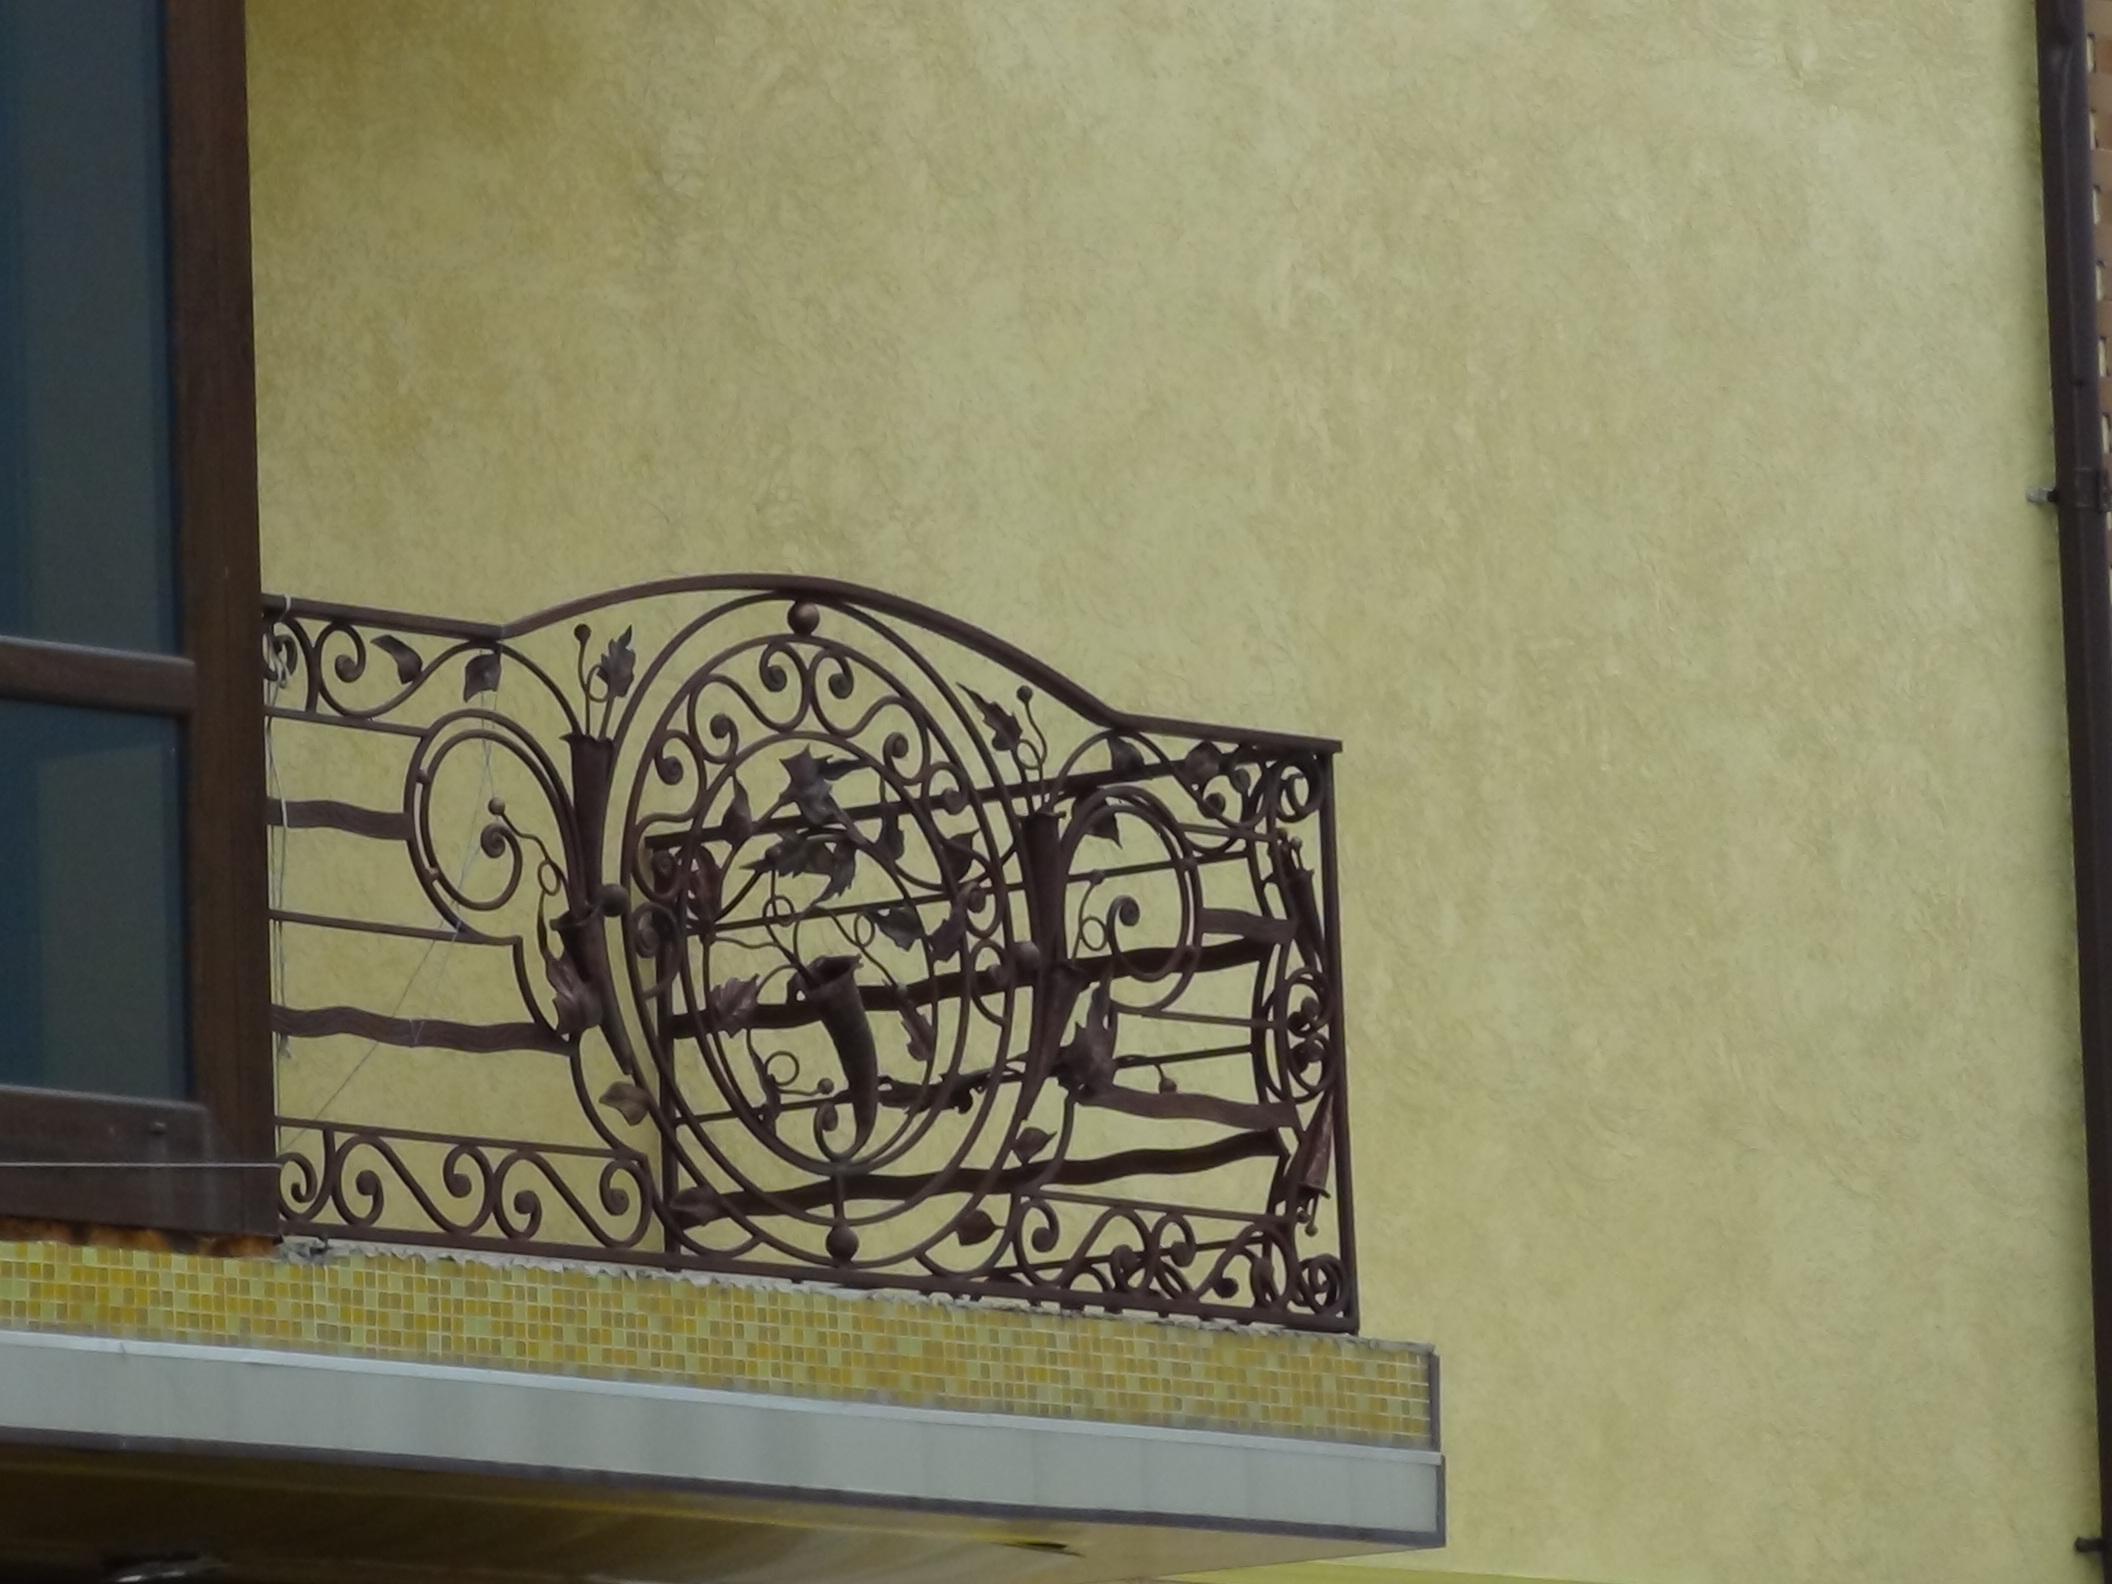 балкон с колокольчиком